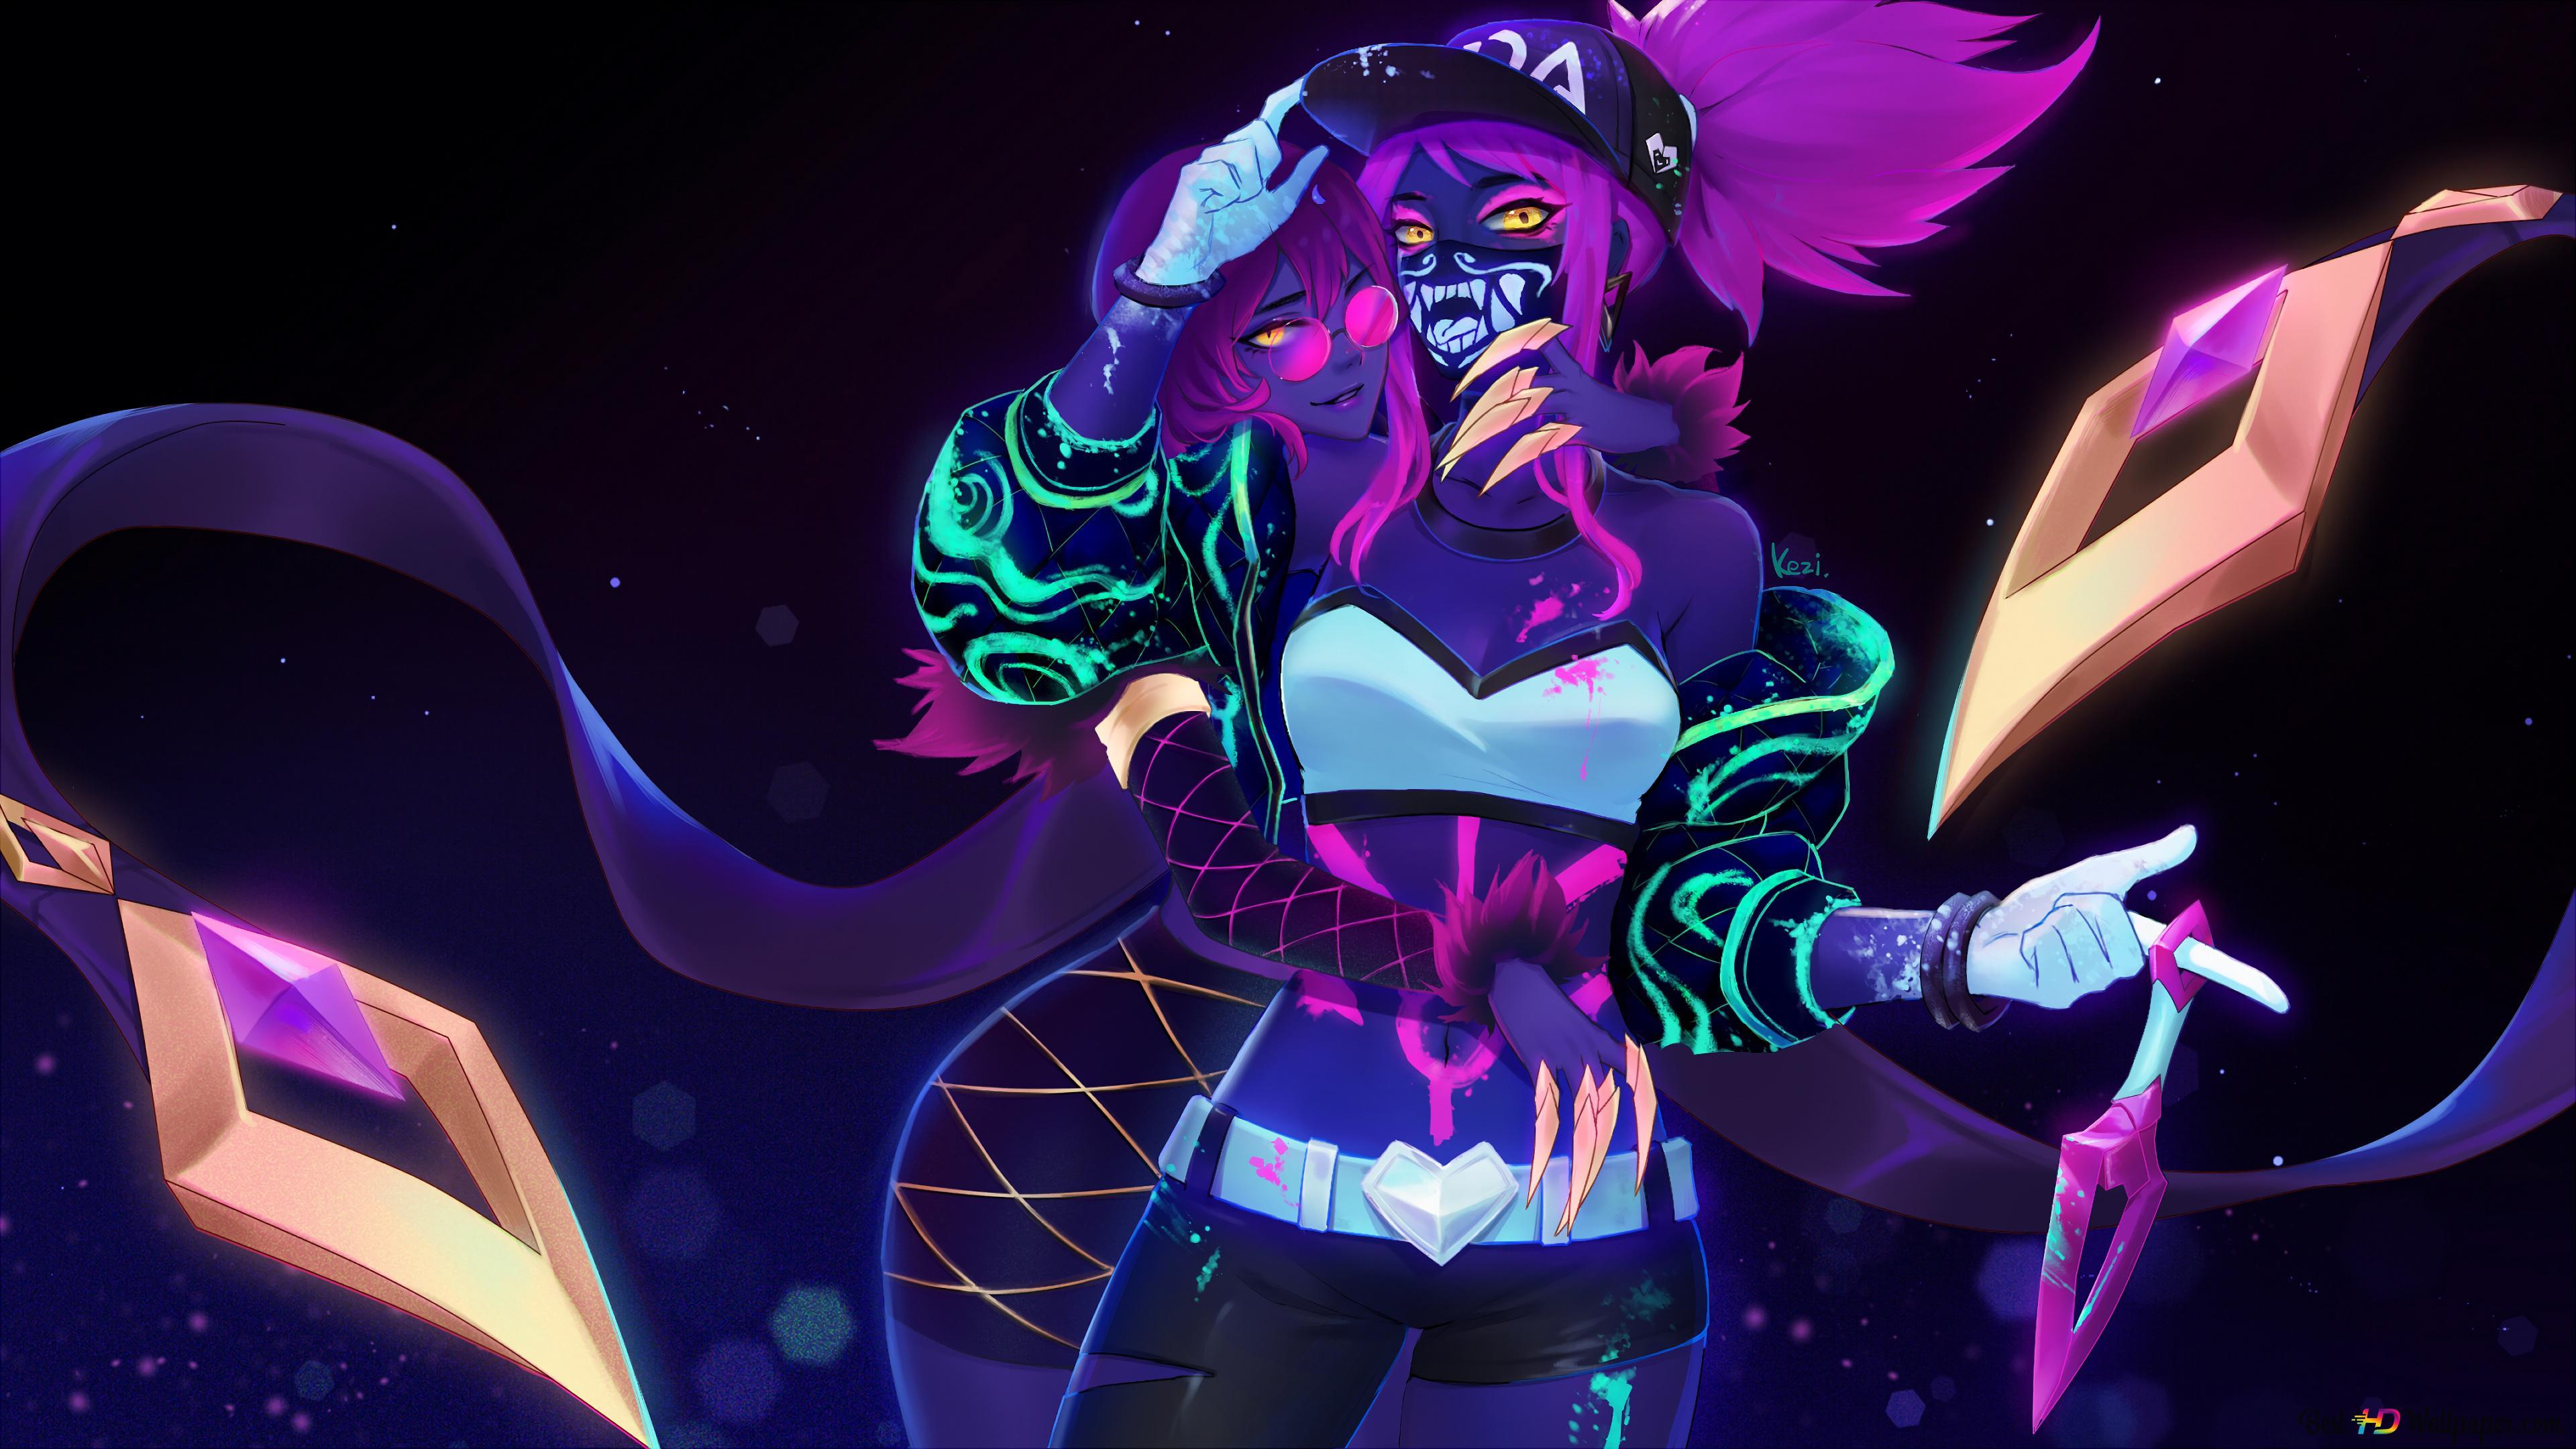 Lol League Of Legends Evelynn Hugs Neon K Da Akali Hd Wallpaper